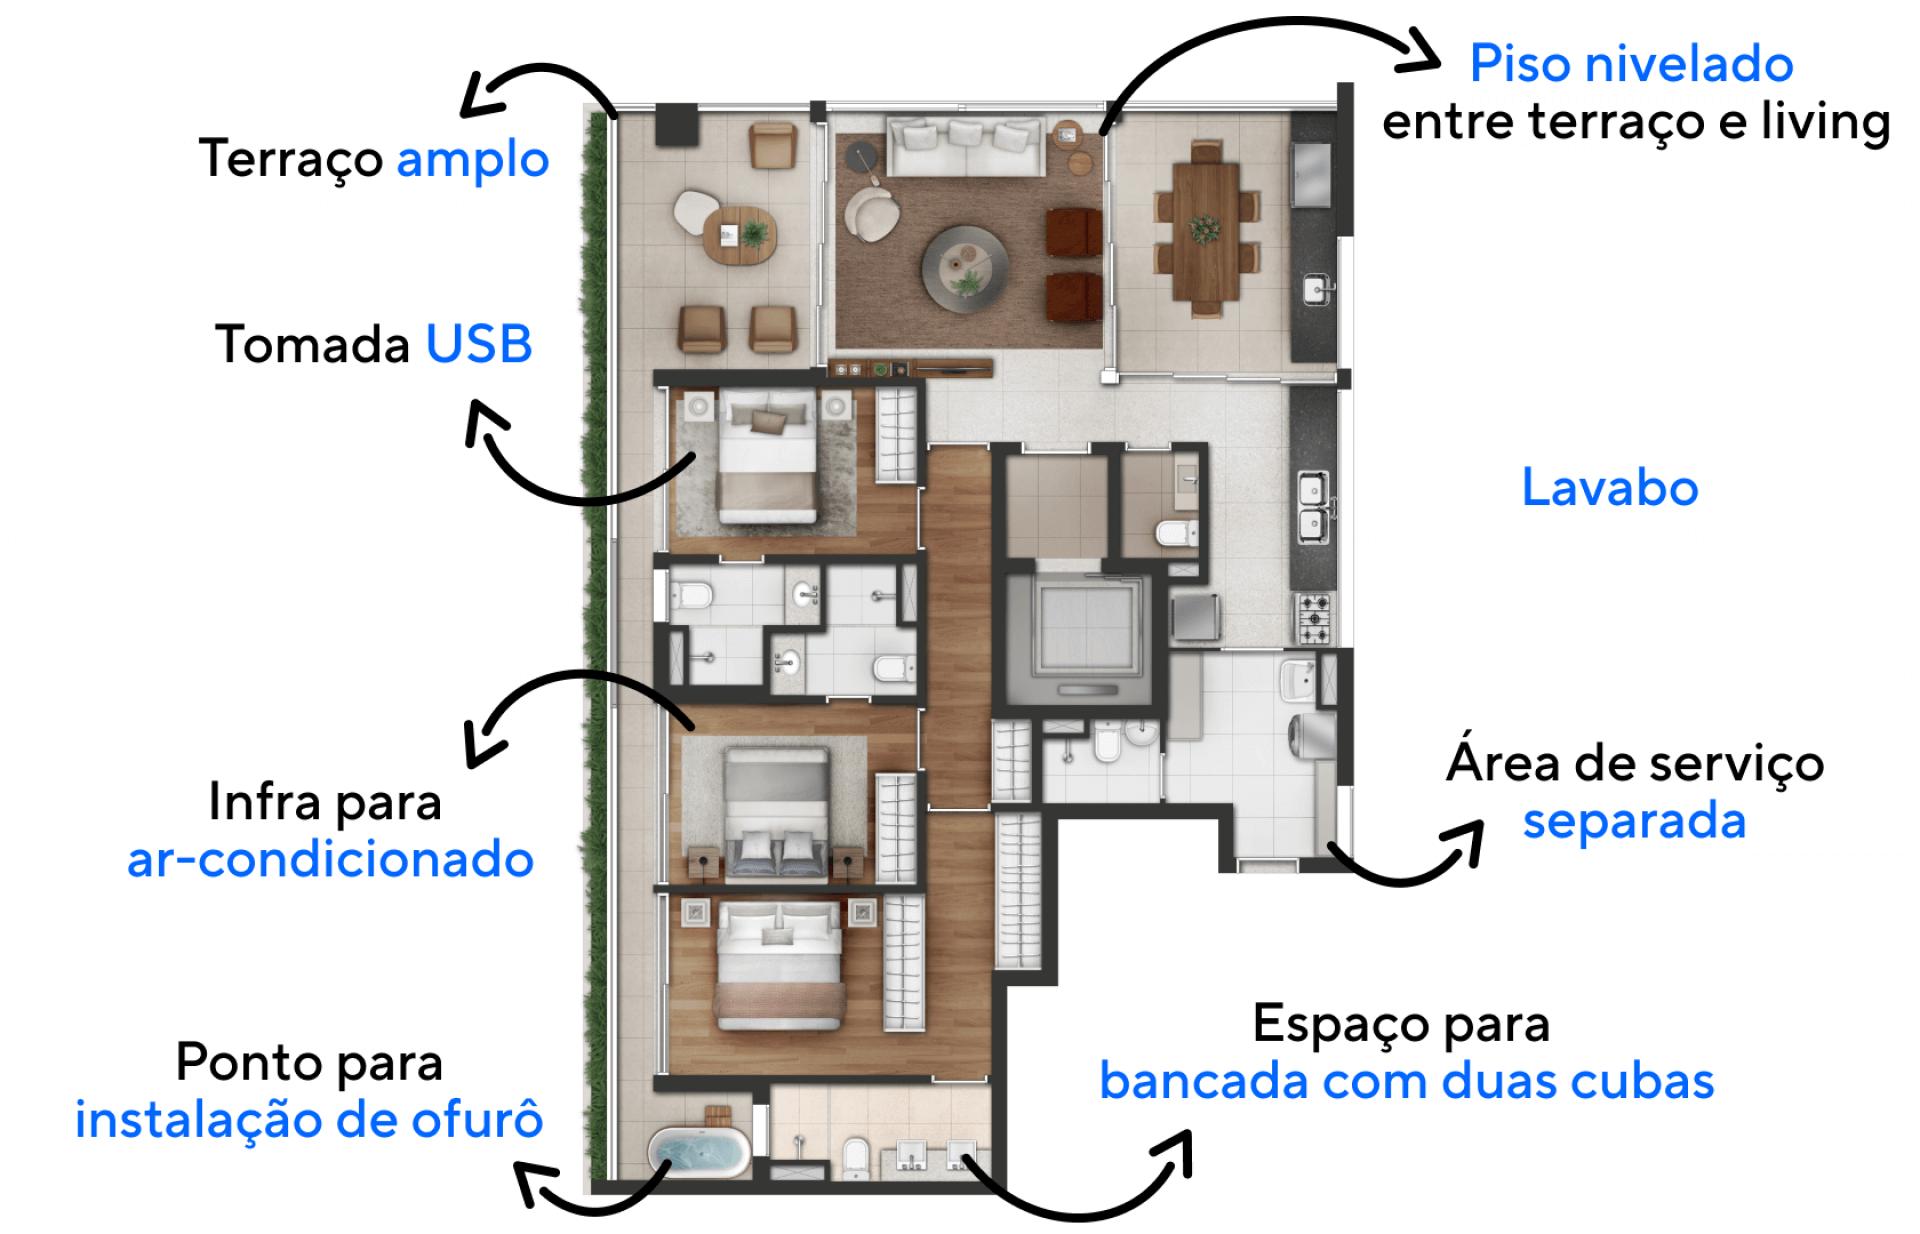 147 M² - 3 SUÍTES. Apartamentos com acesso exclusivo feito através do hall social privativo, equipado com fechadura biométrica a bela entrada leva seus convidados diretamente a área social da sua unidade.